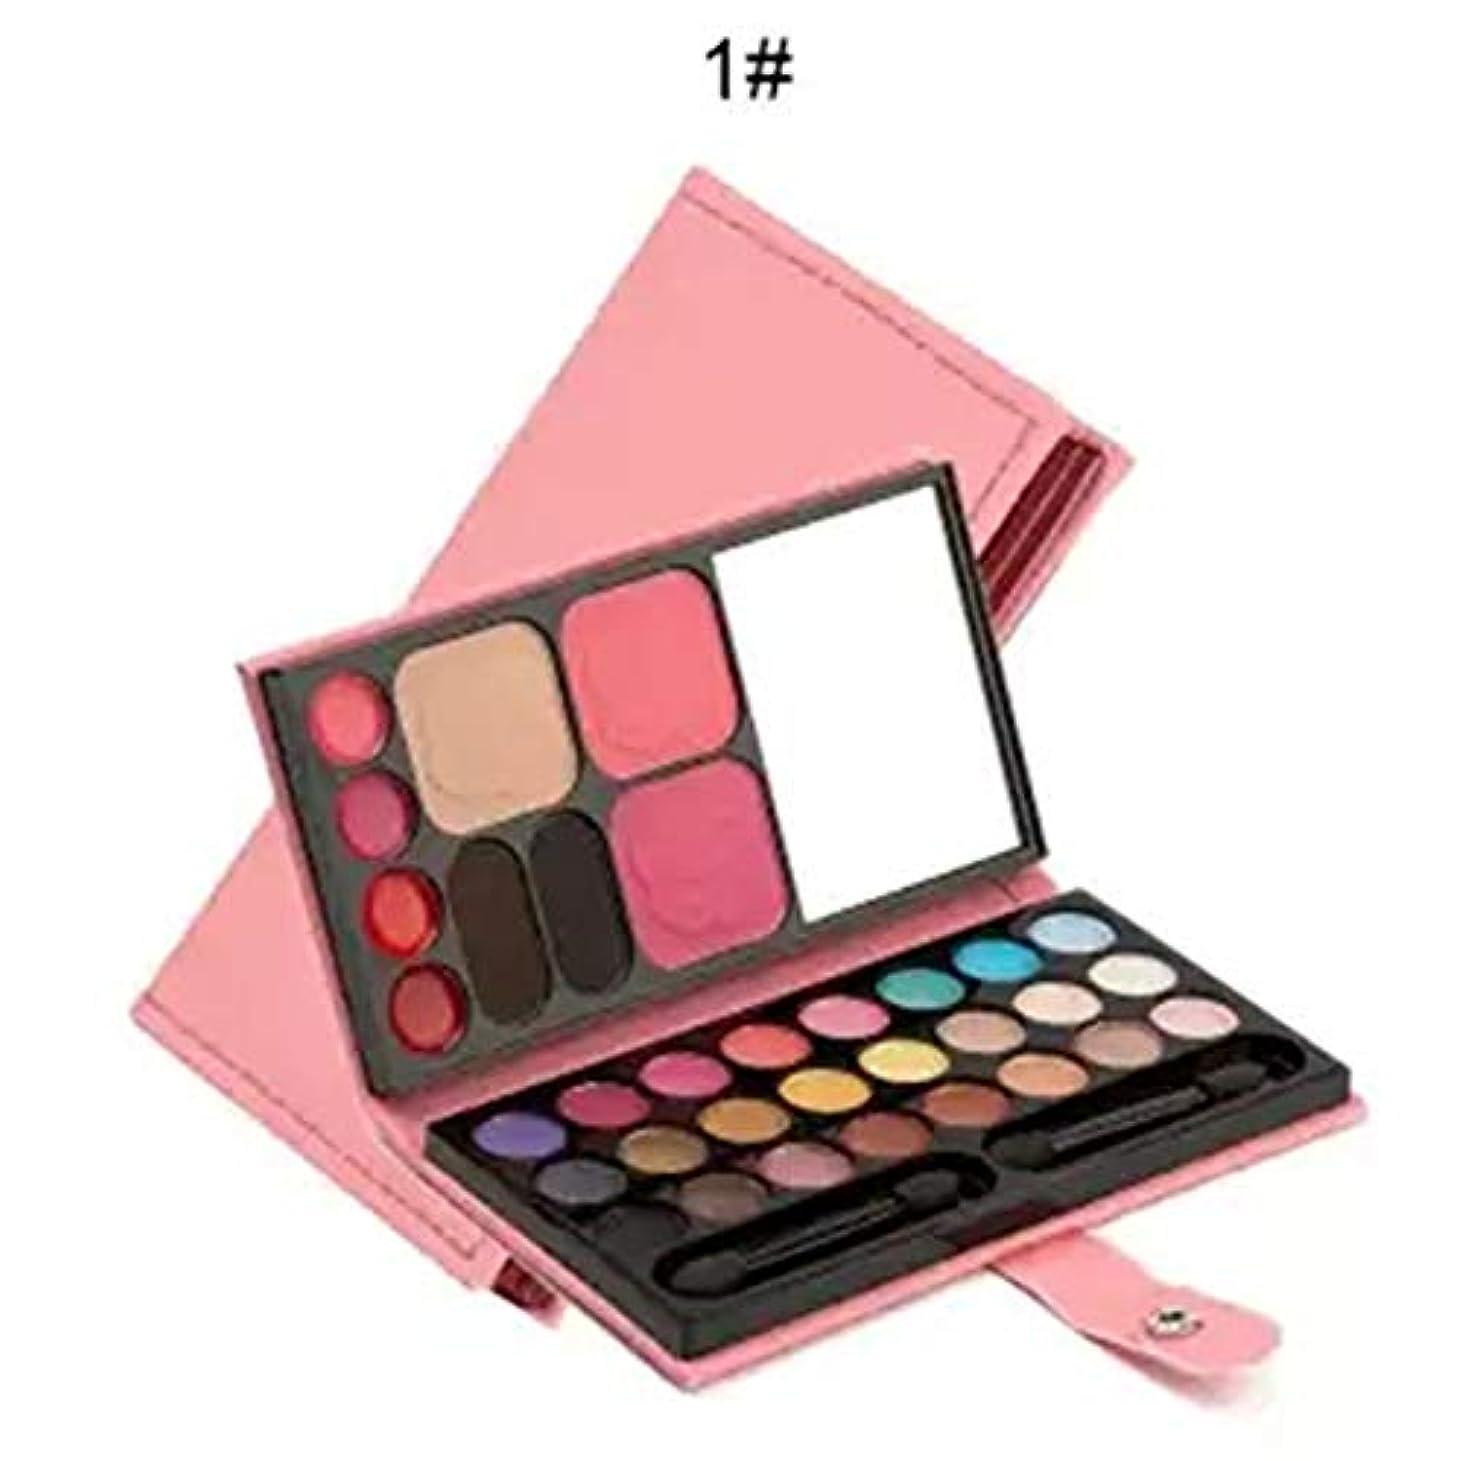 スリーブボイド知り合いになるACHICOO 化粧品セット 33色 アイシャドウ パウダー フィスメーク 口紅 化粧 道具 初心者 セット 韓国 ペリペラ 可愛い ピンク 高校生 女の子 ピンク